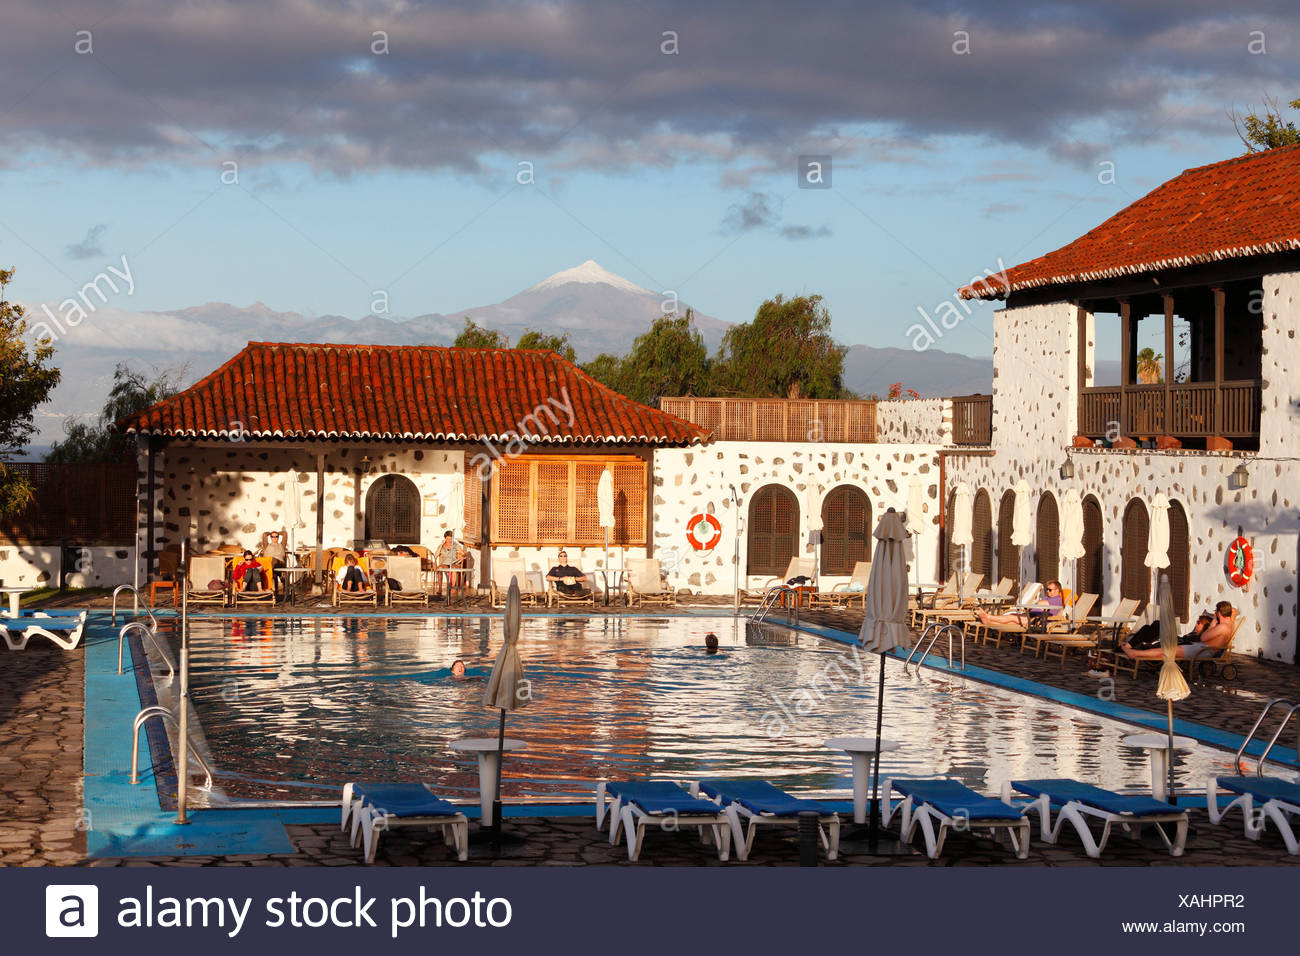 Swimming pool, Hotel Parador de Turismo Conde de La Gomera, San Sebatián de La Gomera, Canary Islands, Spain, Europe - Stock Image